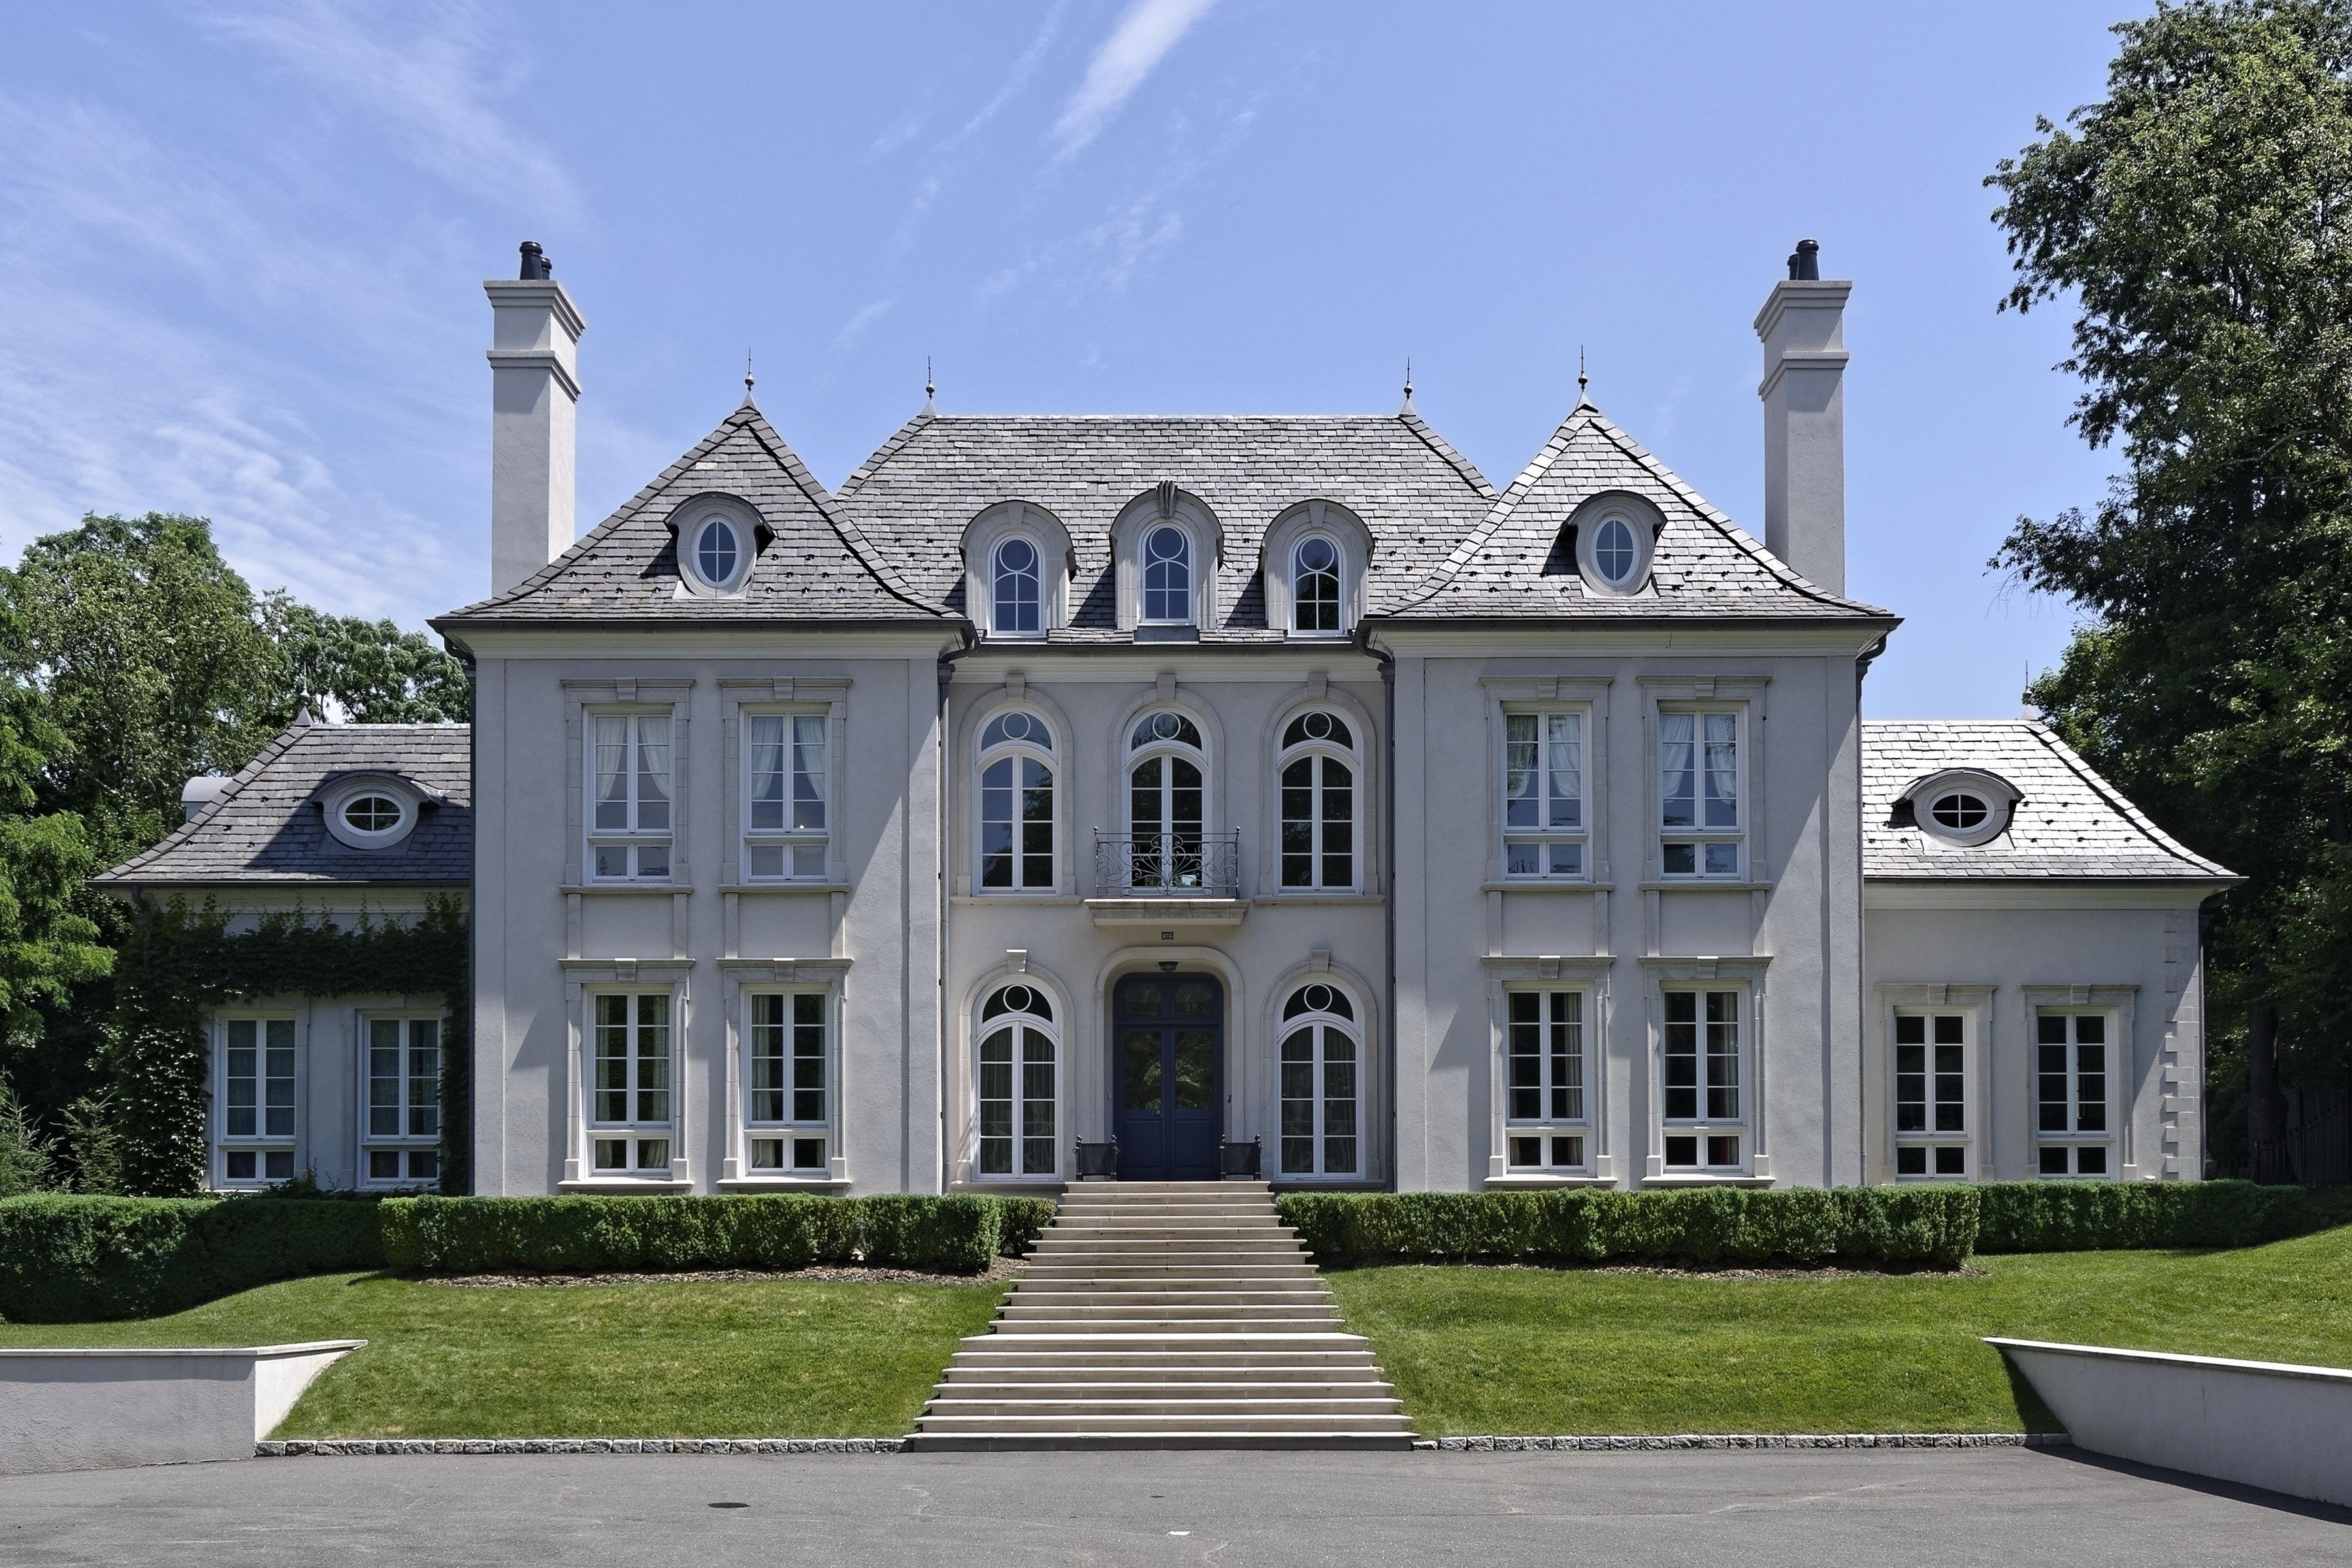 独户住宅 为 销售 在 272 Locust Avenue 拉伊, 纽约州, 10580 美国